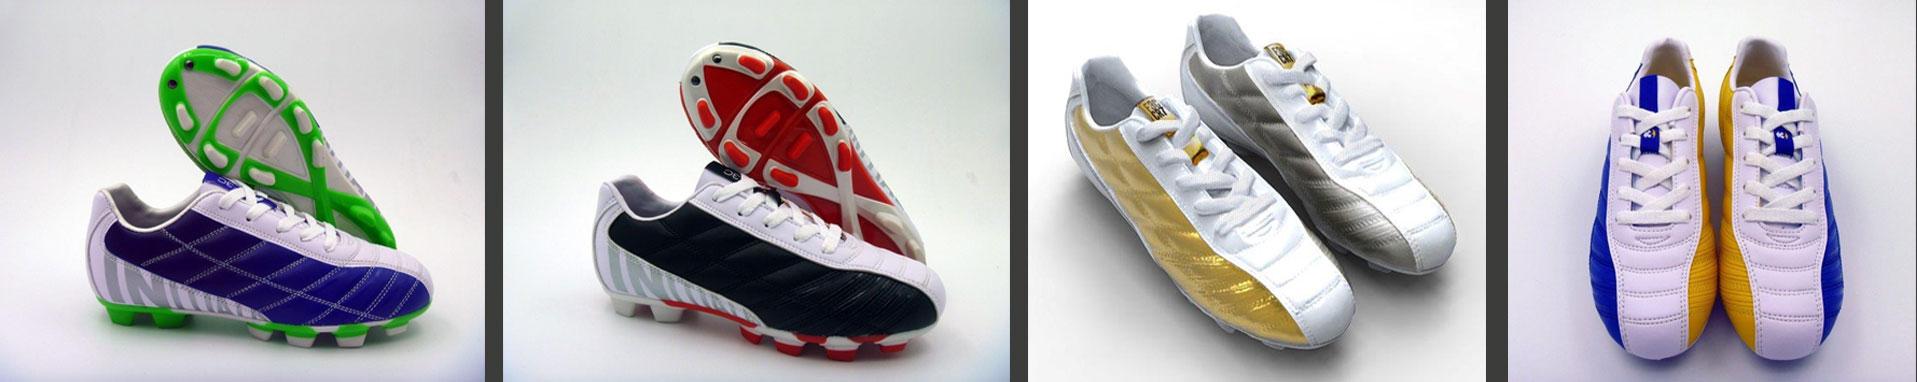 נעליים בצבעים